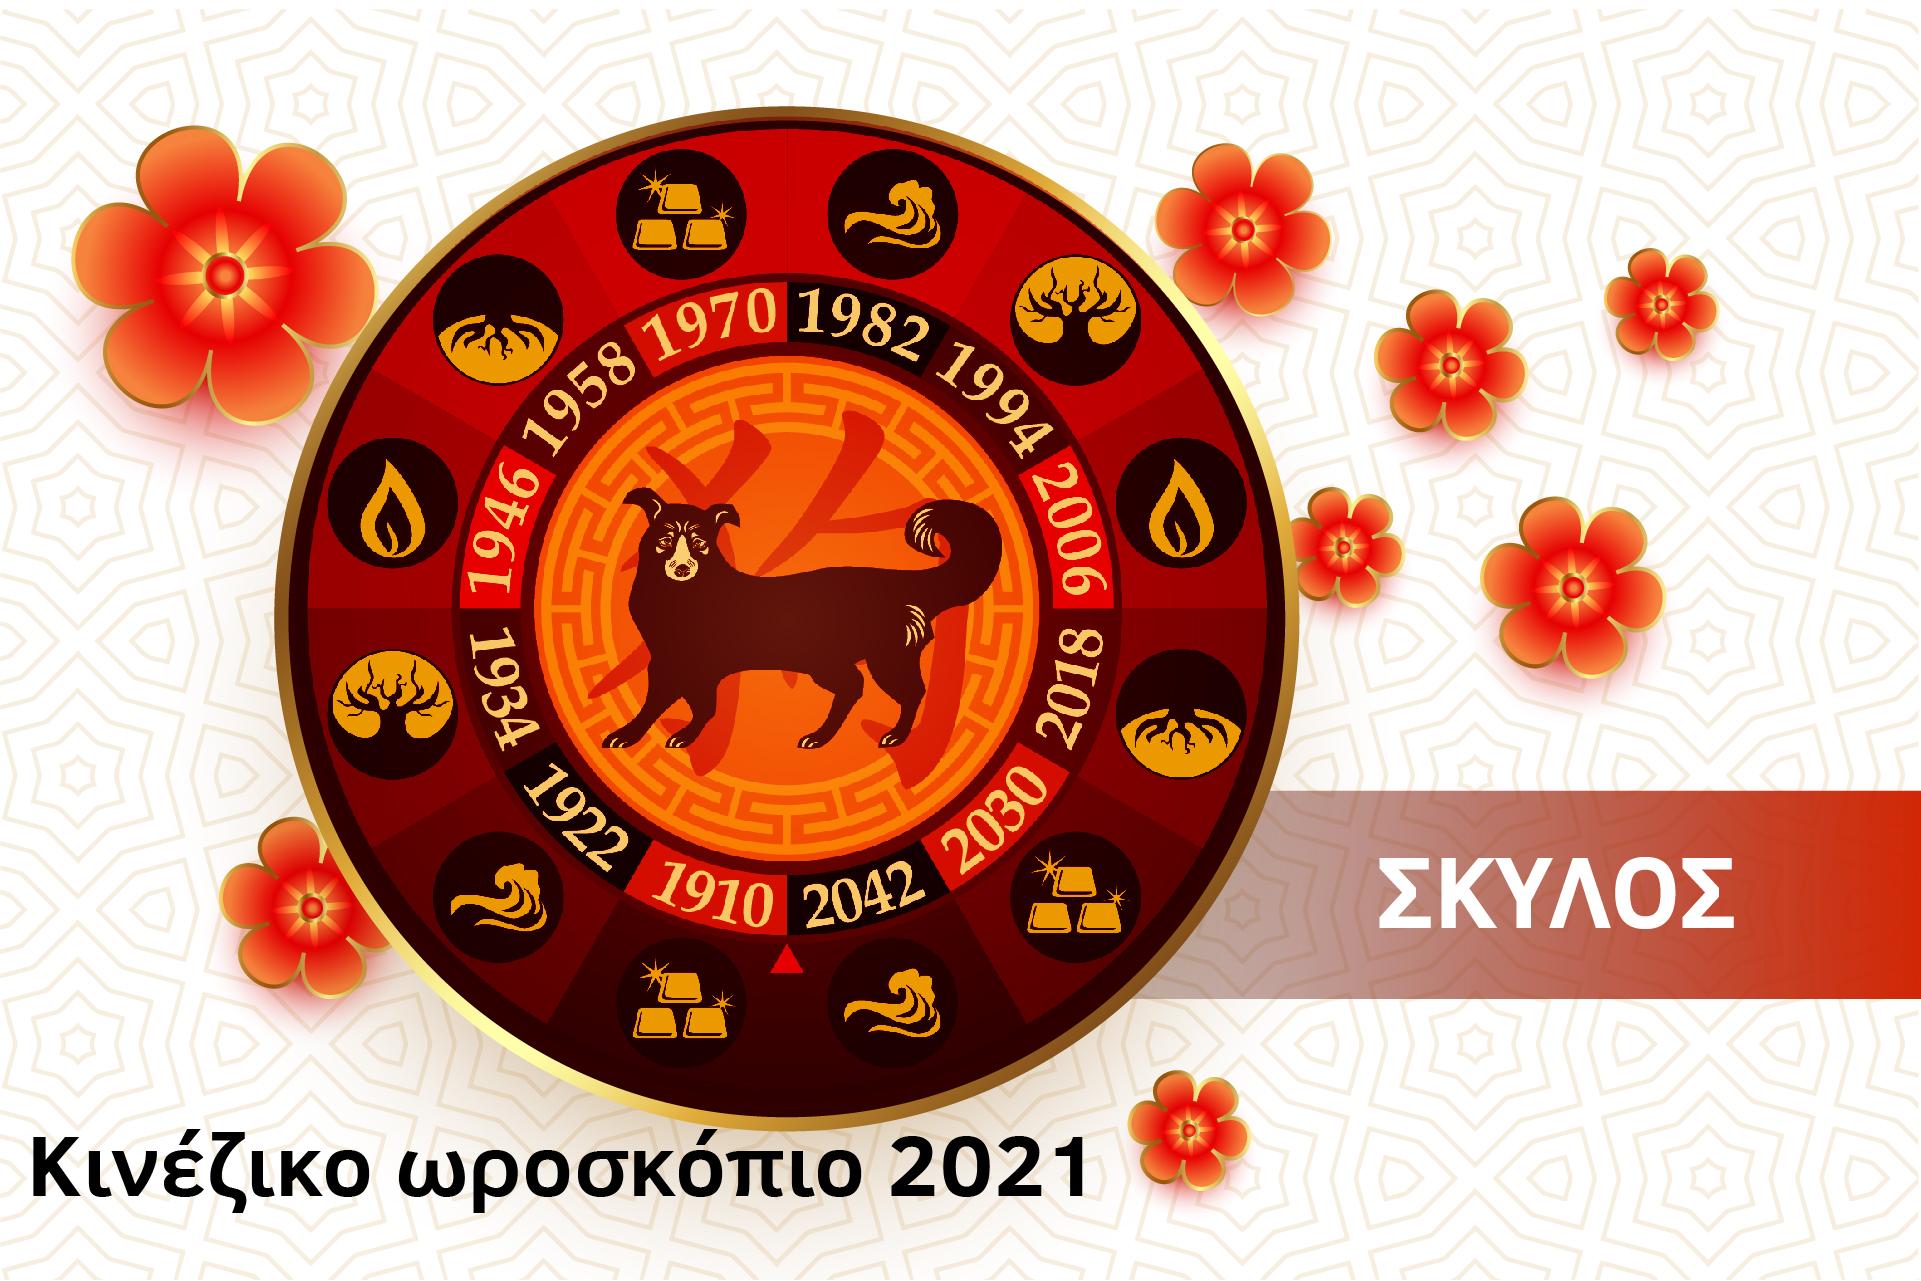 Σκυλί 2021 – Κινέζικο Ωροσκόπιο